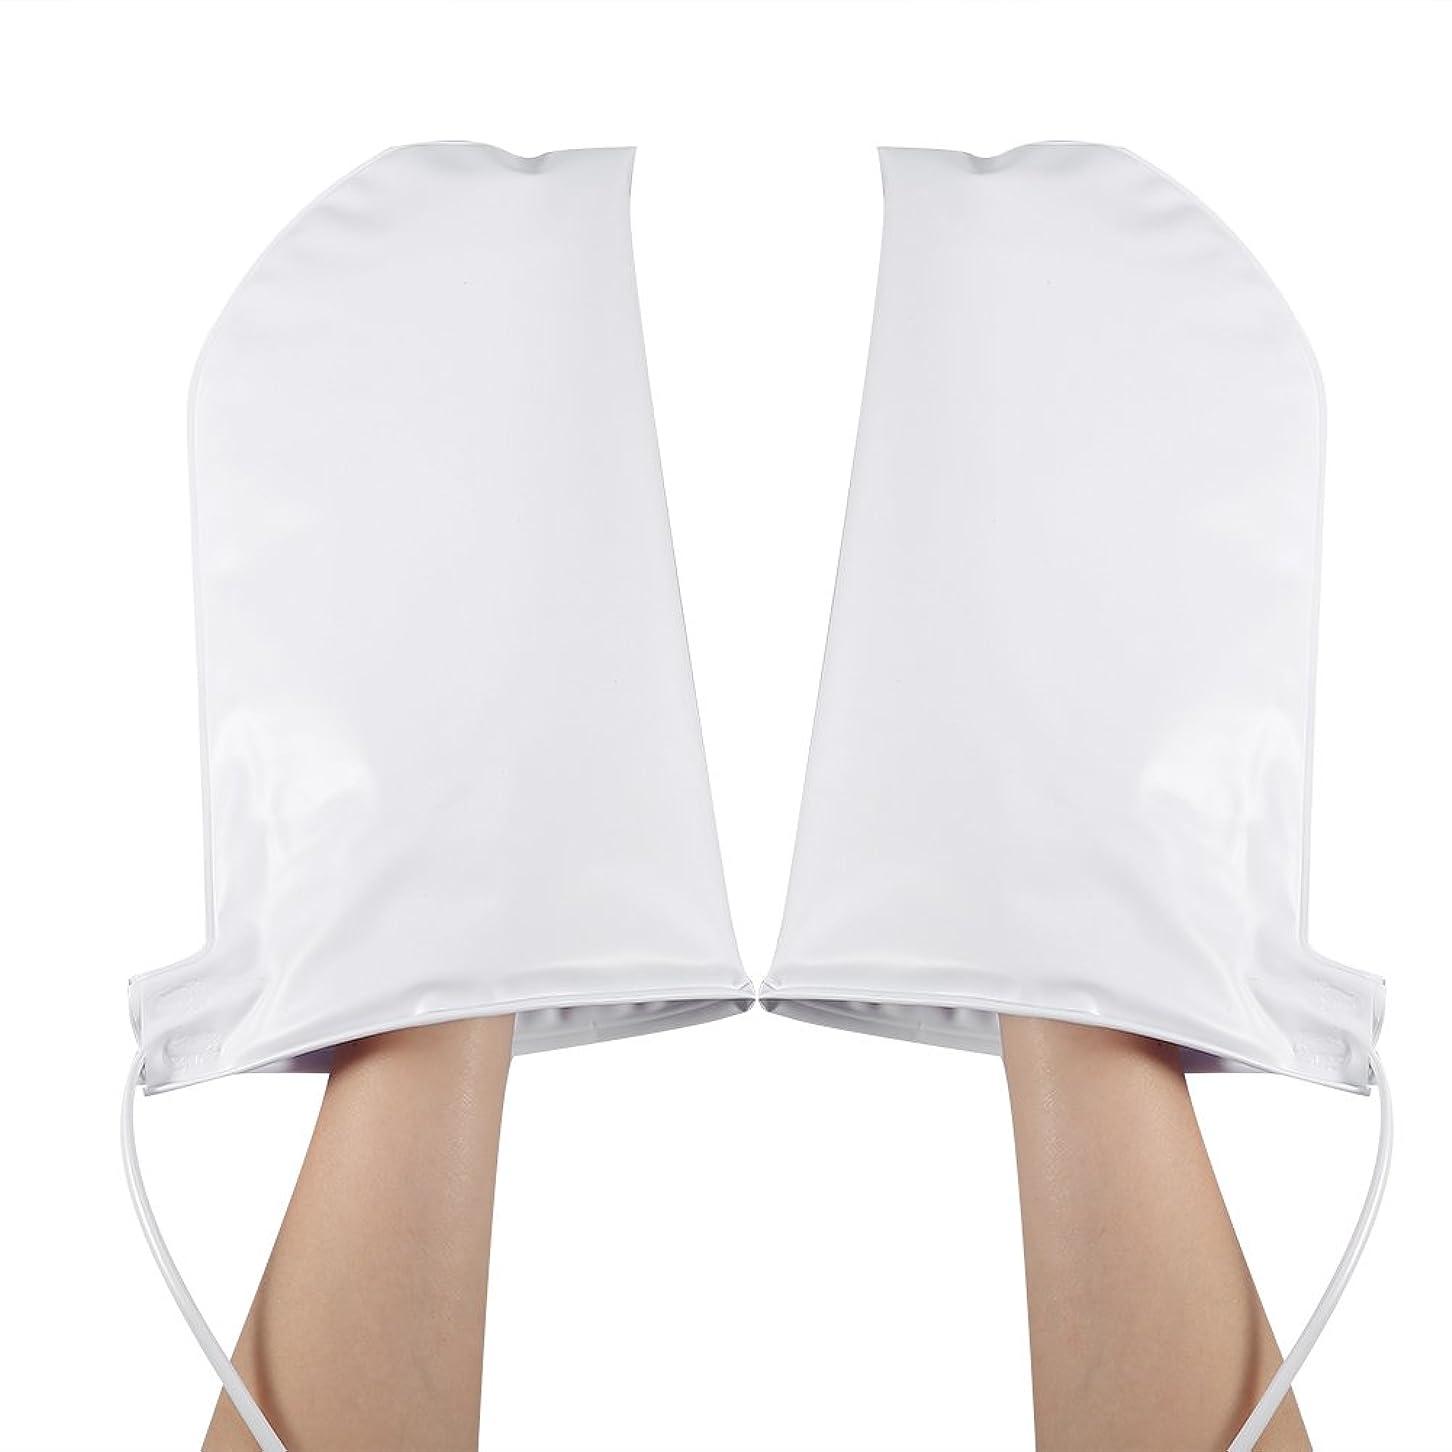 チャップソフトウェア副産物手袋 ヒートグローブ 加熱式 電熱 手ケア ハンドケア 2つ加熱モード 乾燥対策 手荒れ対策 補水 保湿 美白 しっとり